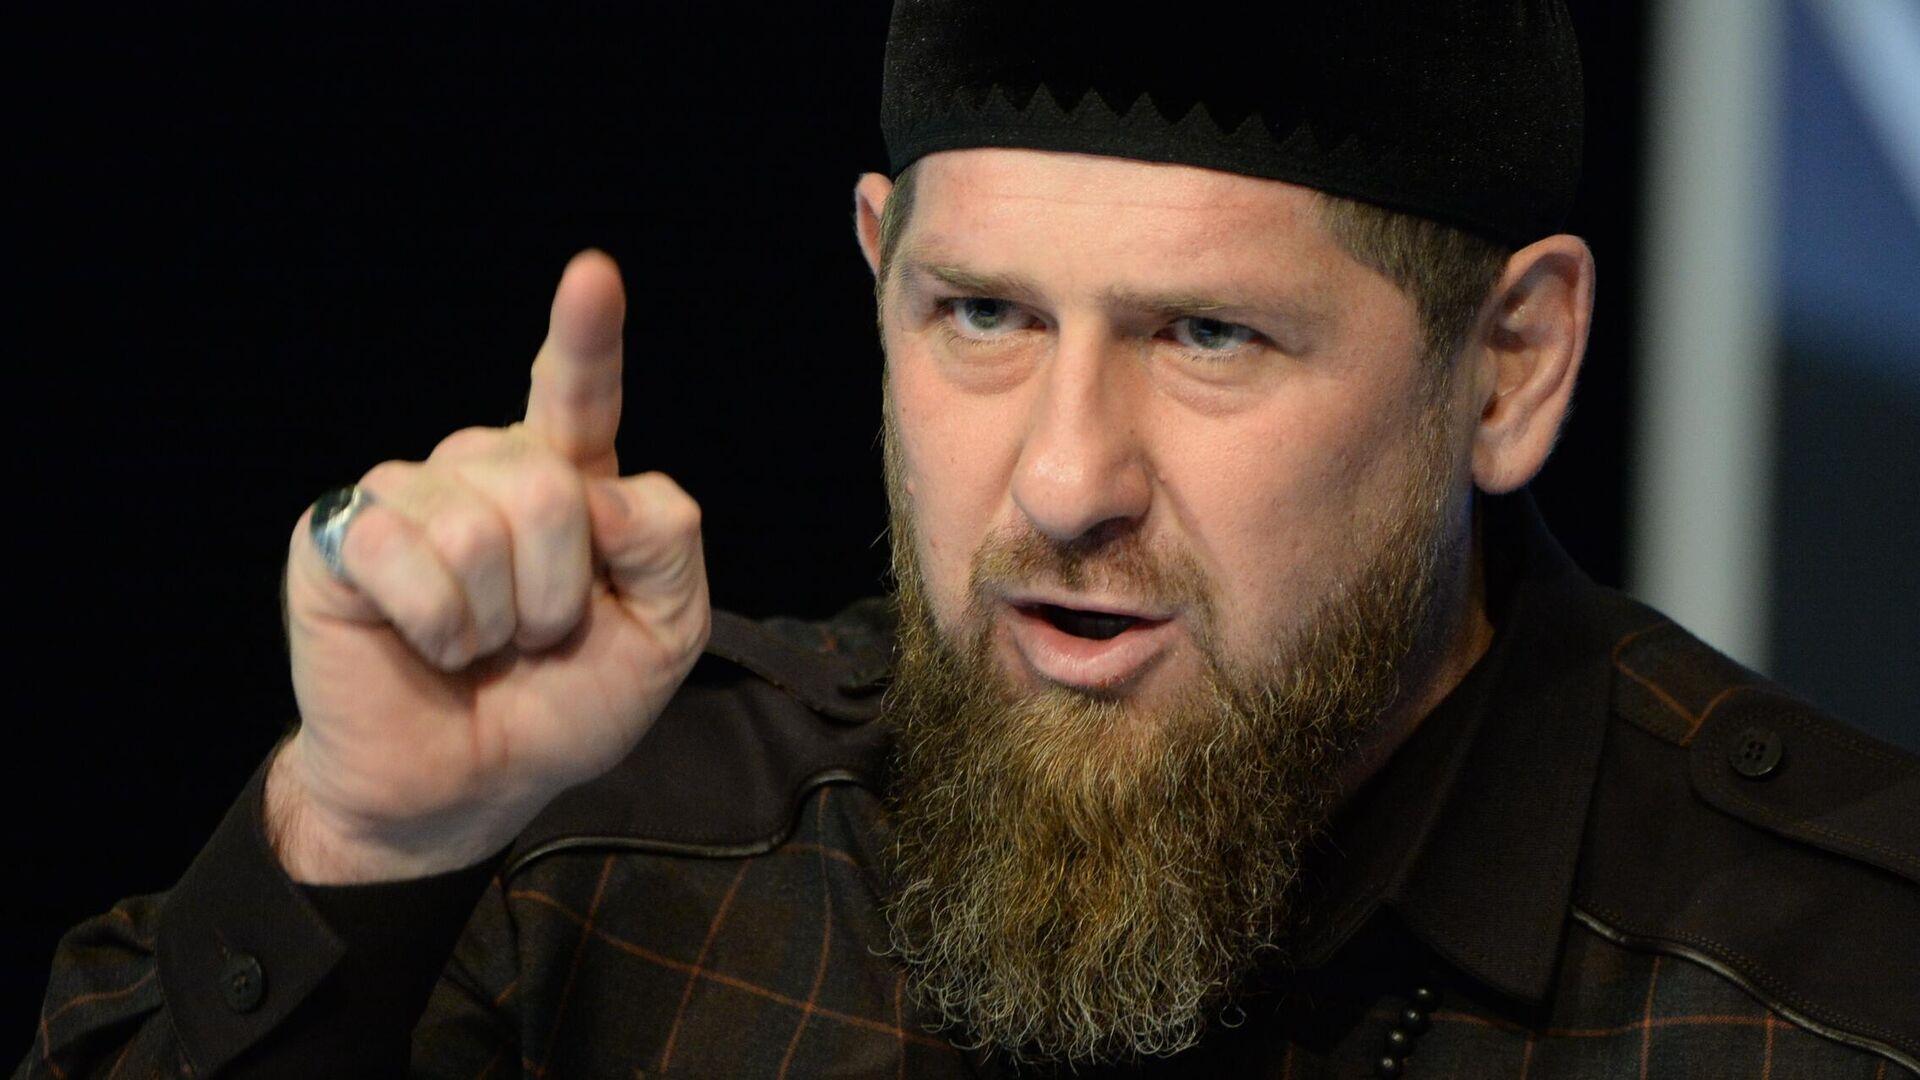 Глава Чеченской Республики Рамзан Кадыров на пресс-конференции в студии телеканала Грозный - РИА Новости, 1920, 19.03.2021